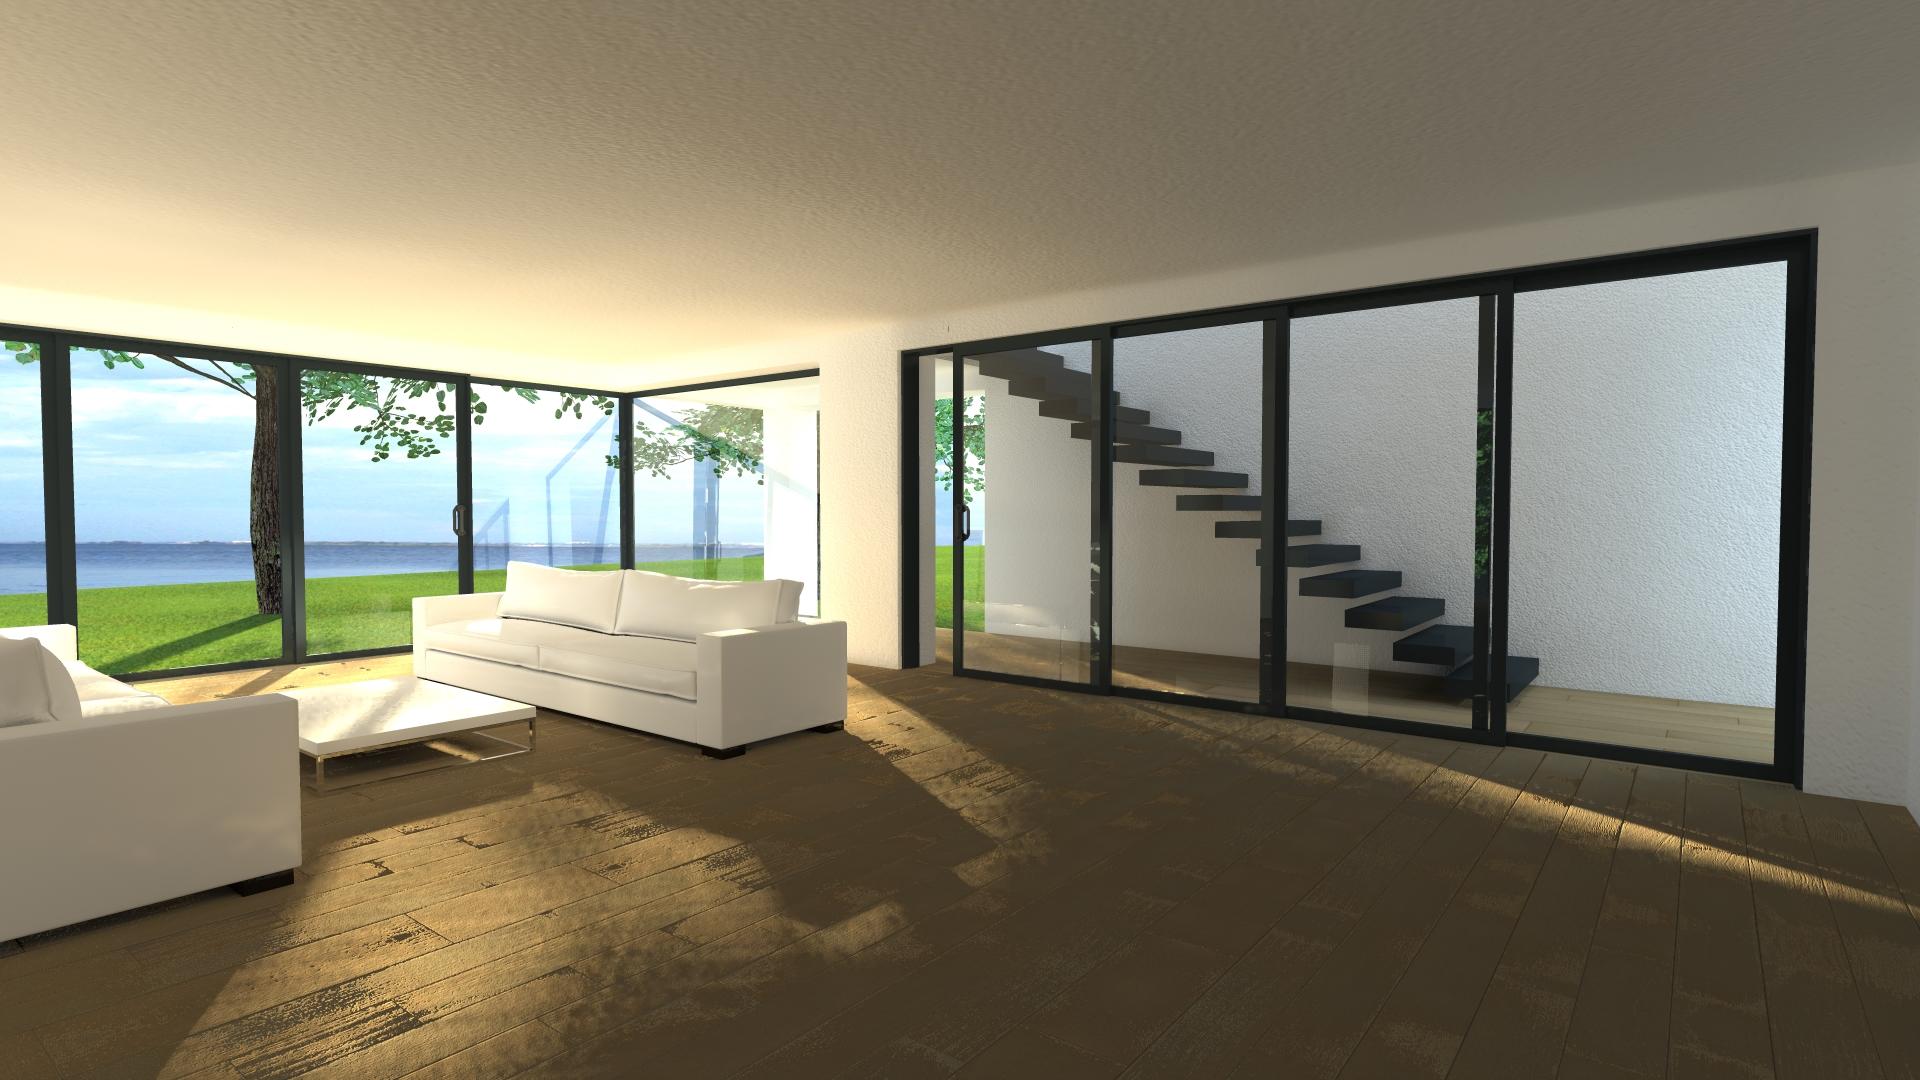 Projekt architektoniczny domu jednorodzinnego w Swoszowicach